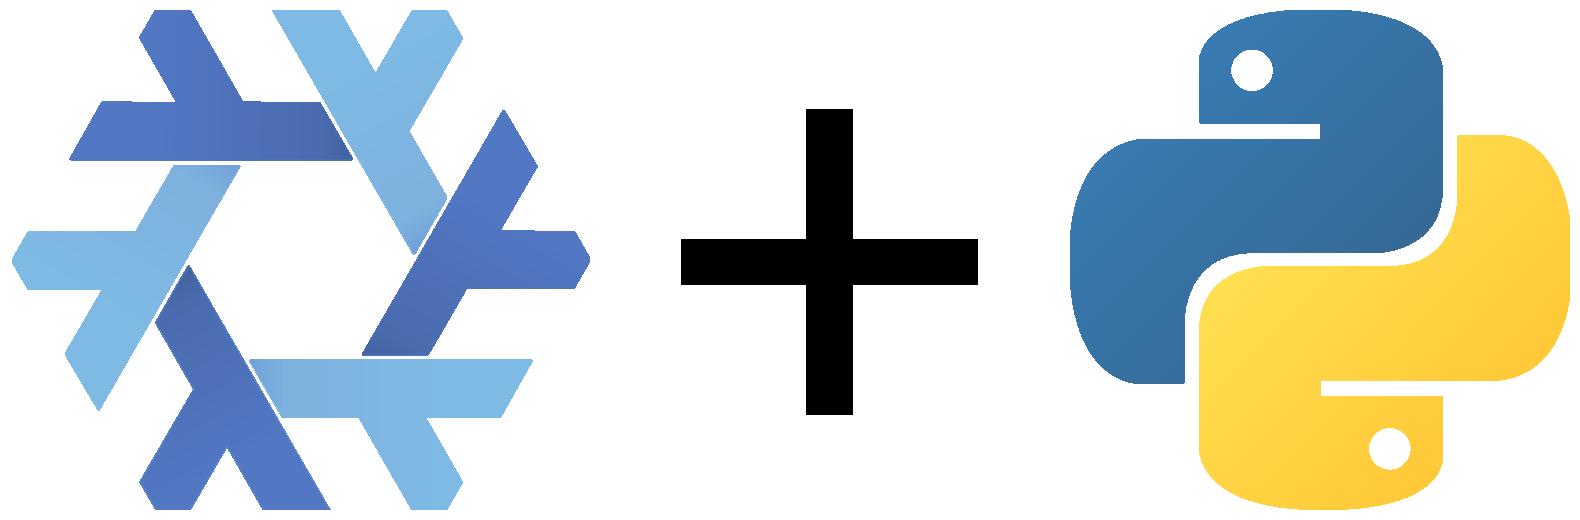 Nix and Python logos